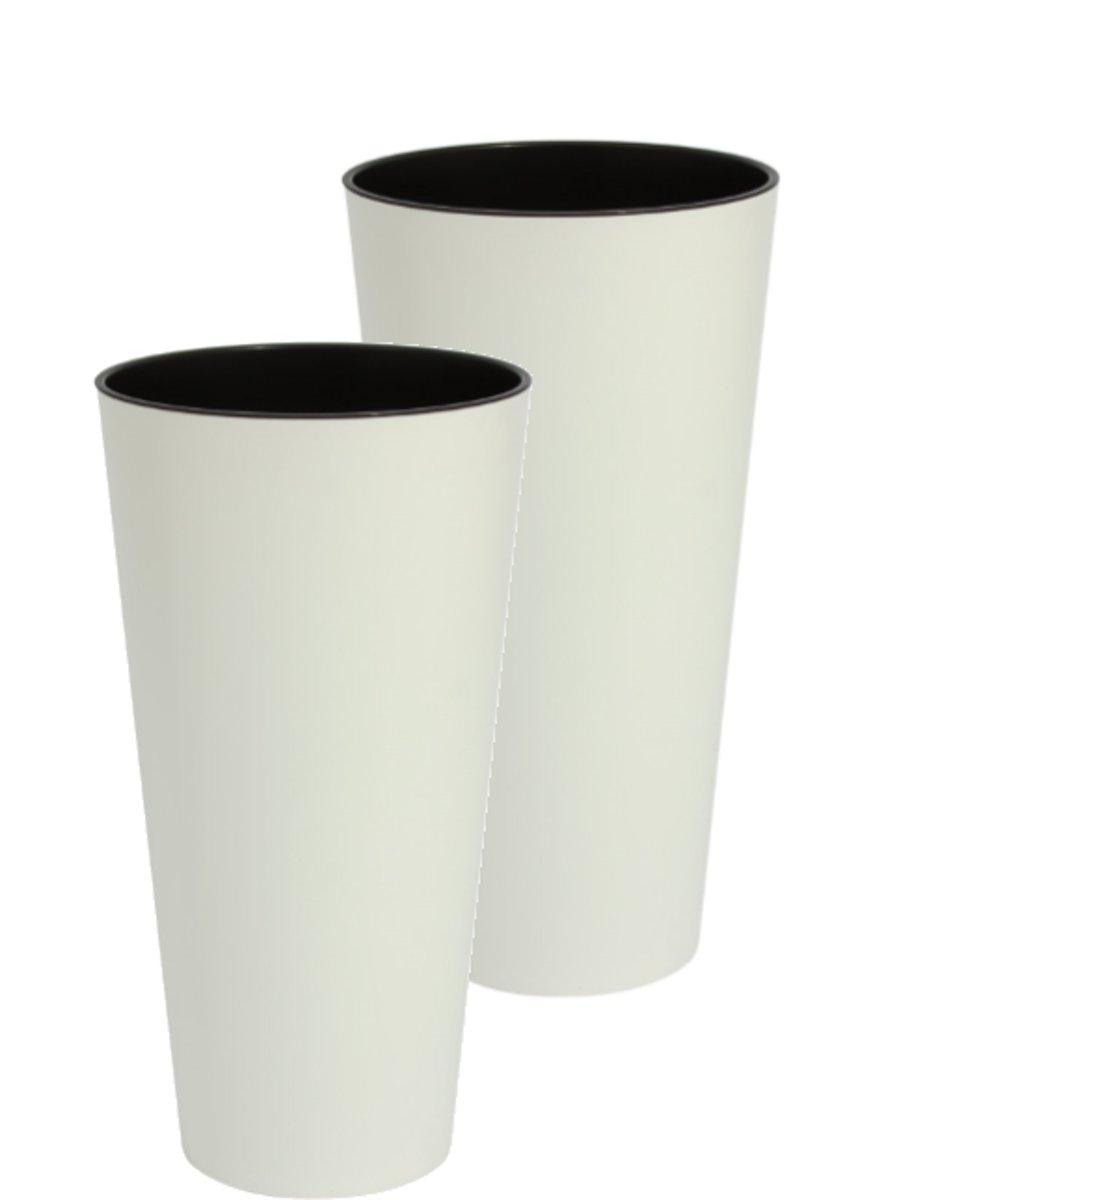 Bloempot Buiten Hoog Rond Tubus Slim 15cm WIT Prosperplast / 2 STUKS ! / kopen